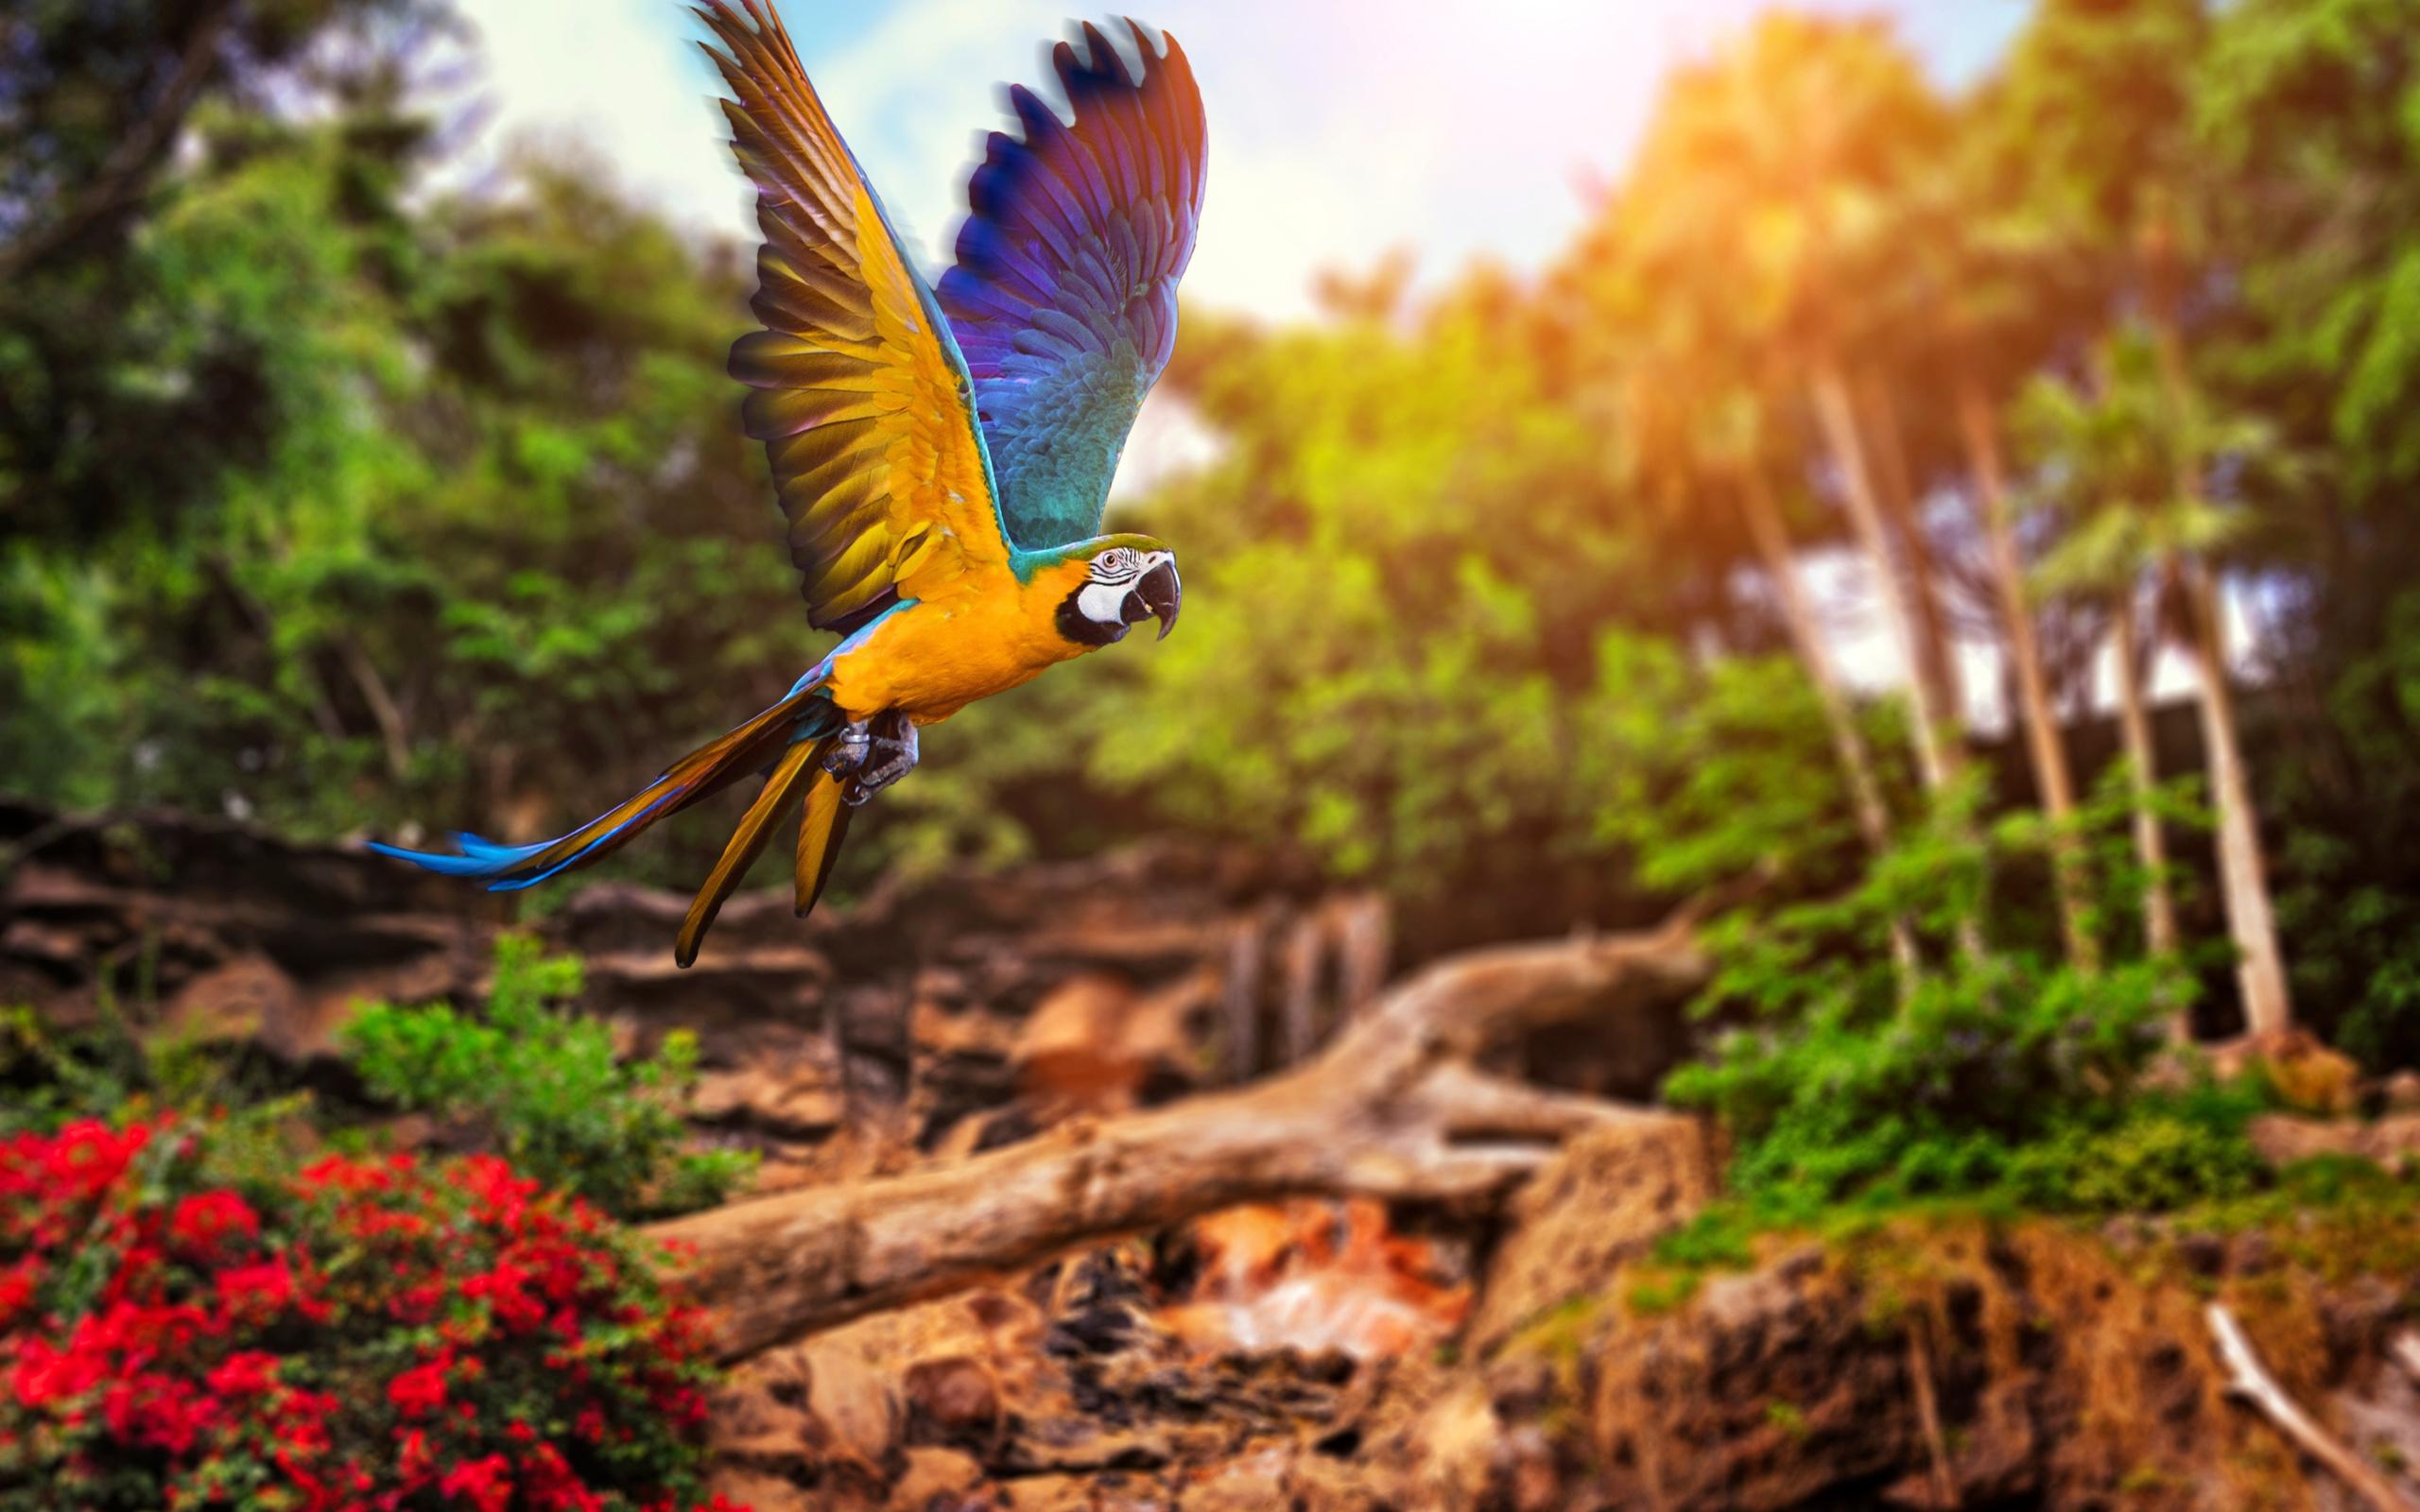 природа, тропики, птица, полёт, попугай